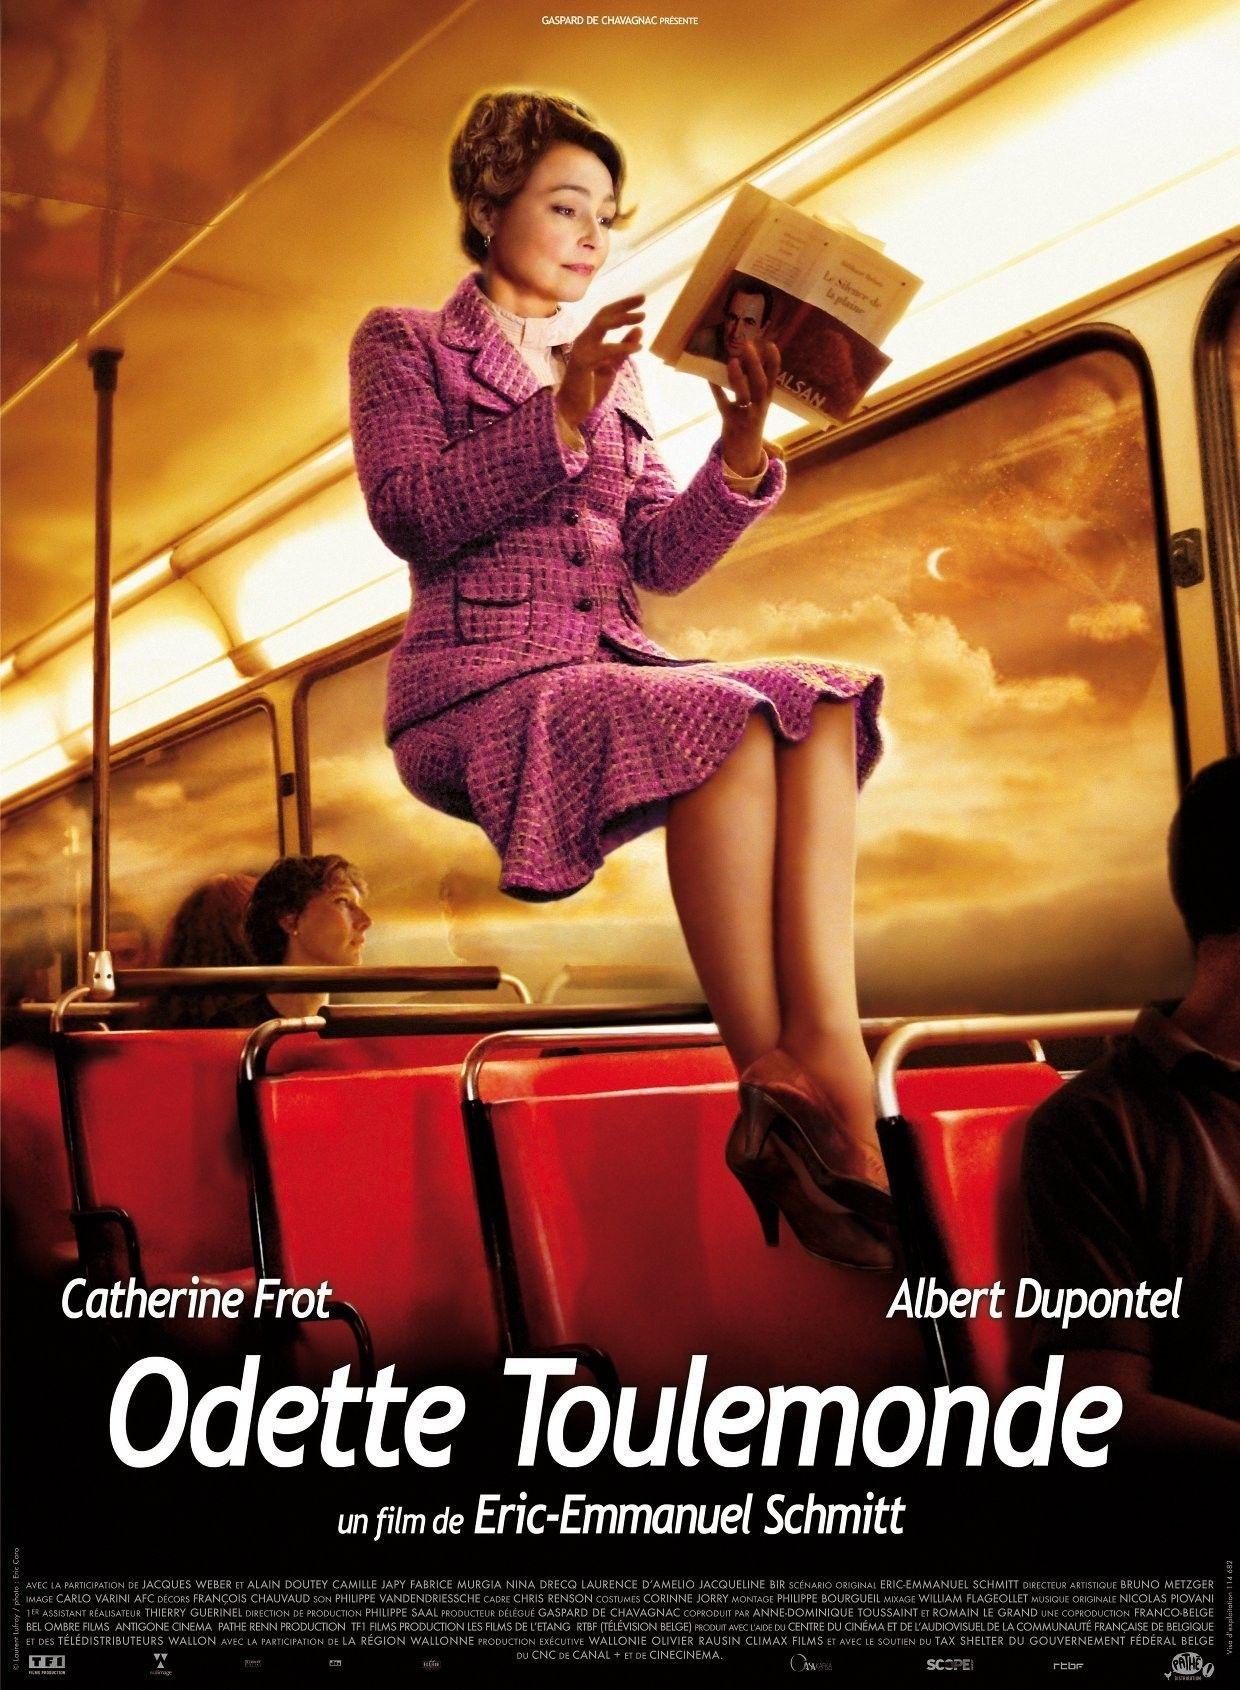 Odette toulemonde film 2007 senscritique - Tapis tout le monde bochart ...